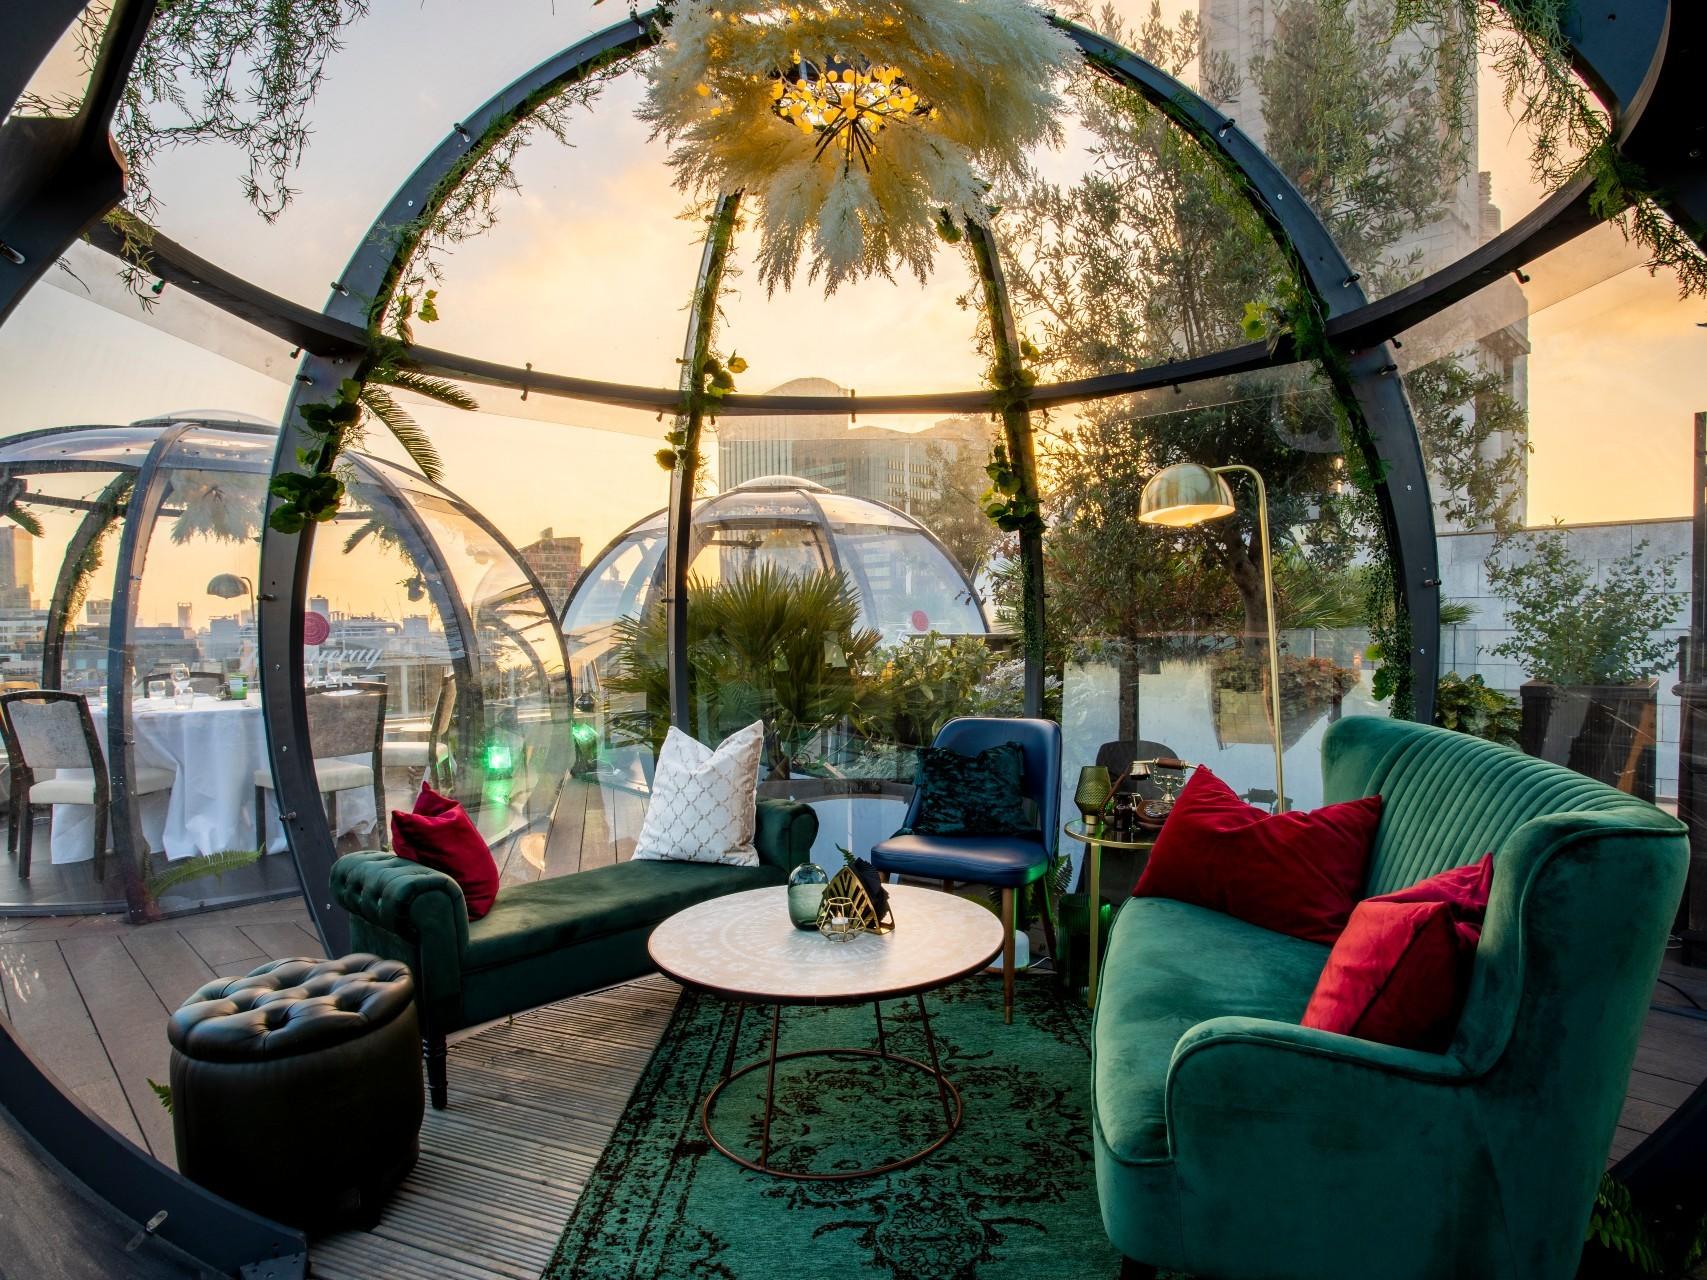 aviary rooftop igloo